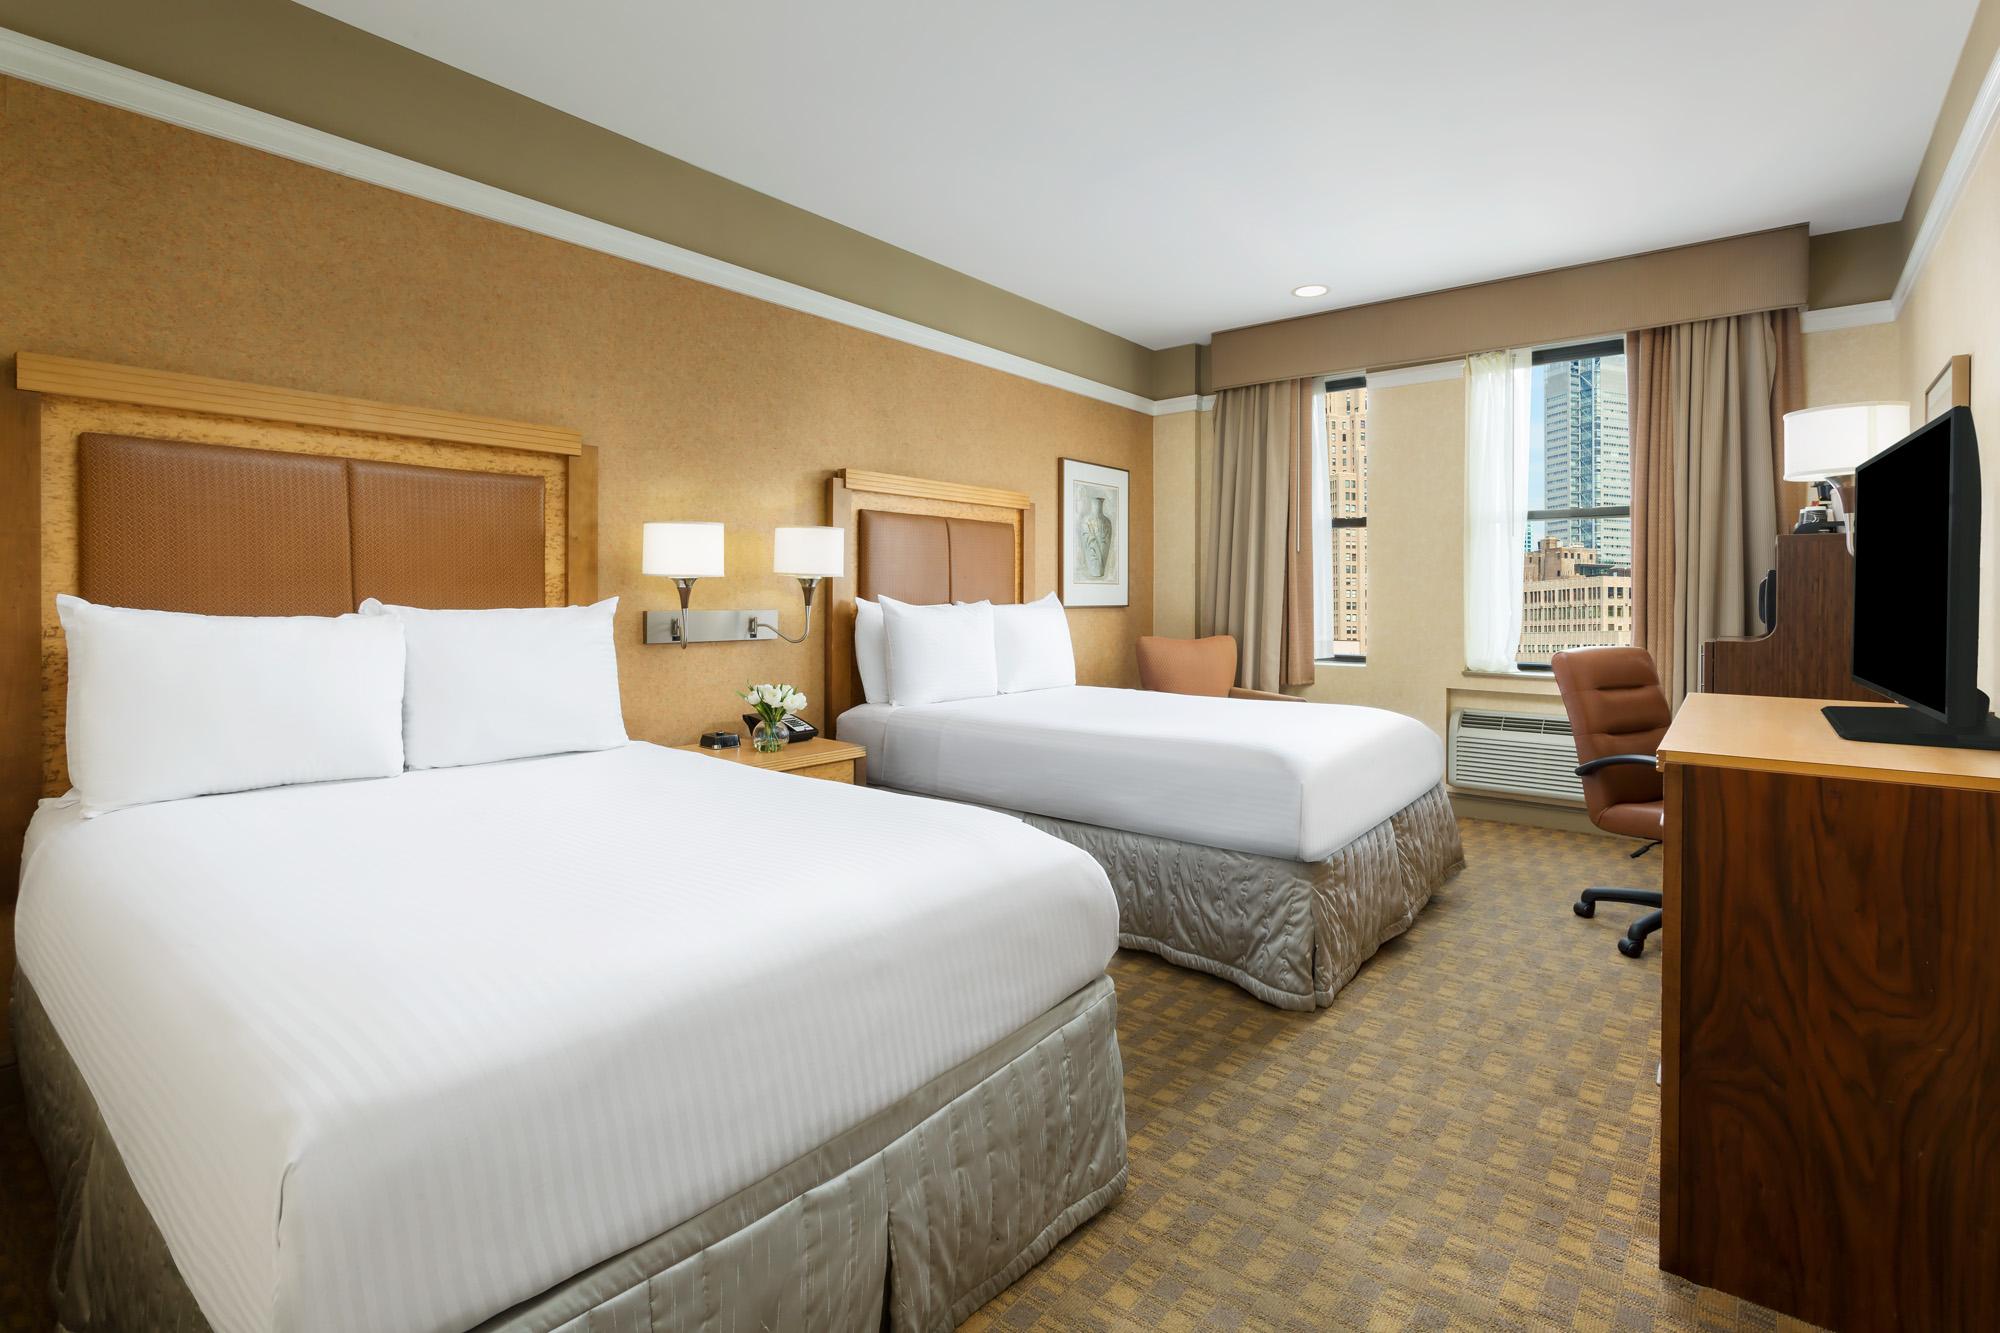 https://www.hotelsbyday.com/_data/default-hotel_image/2/14679/nyma-dd-1.jpg